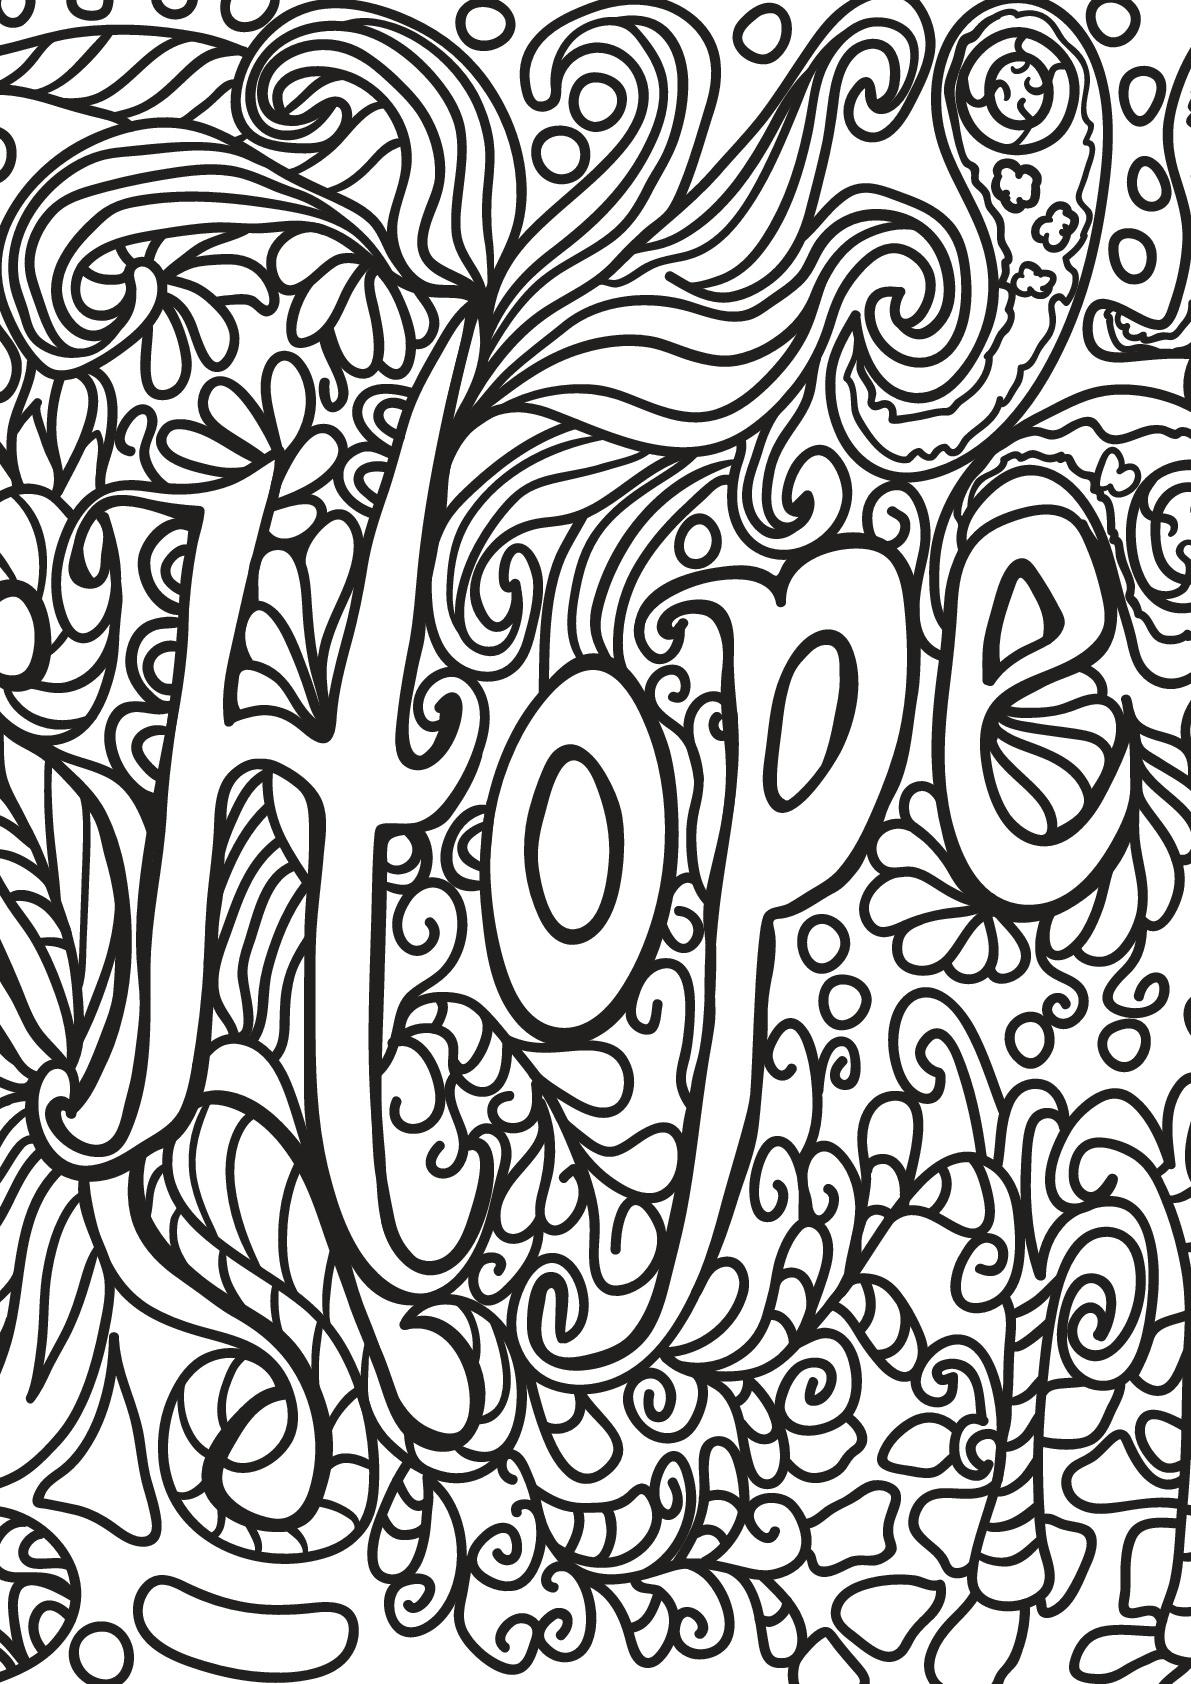 Hope (Espoir)